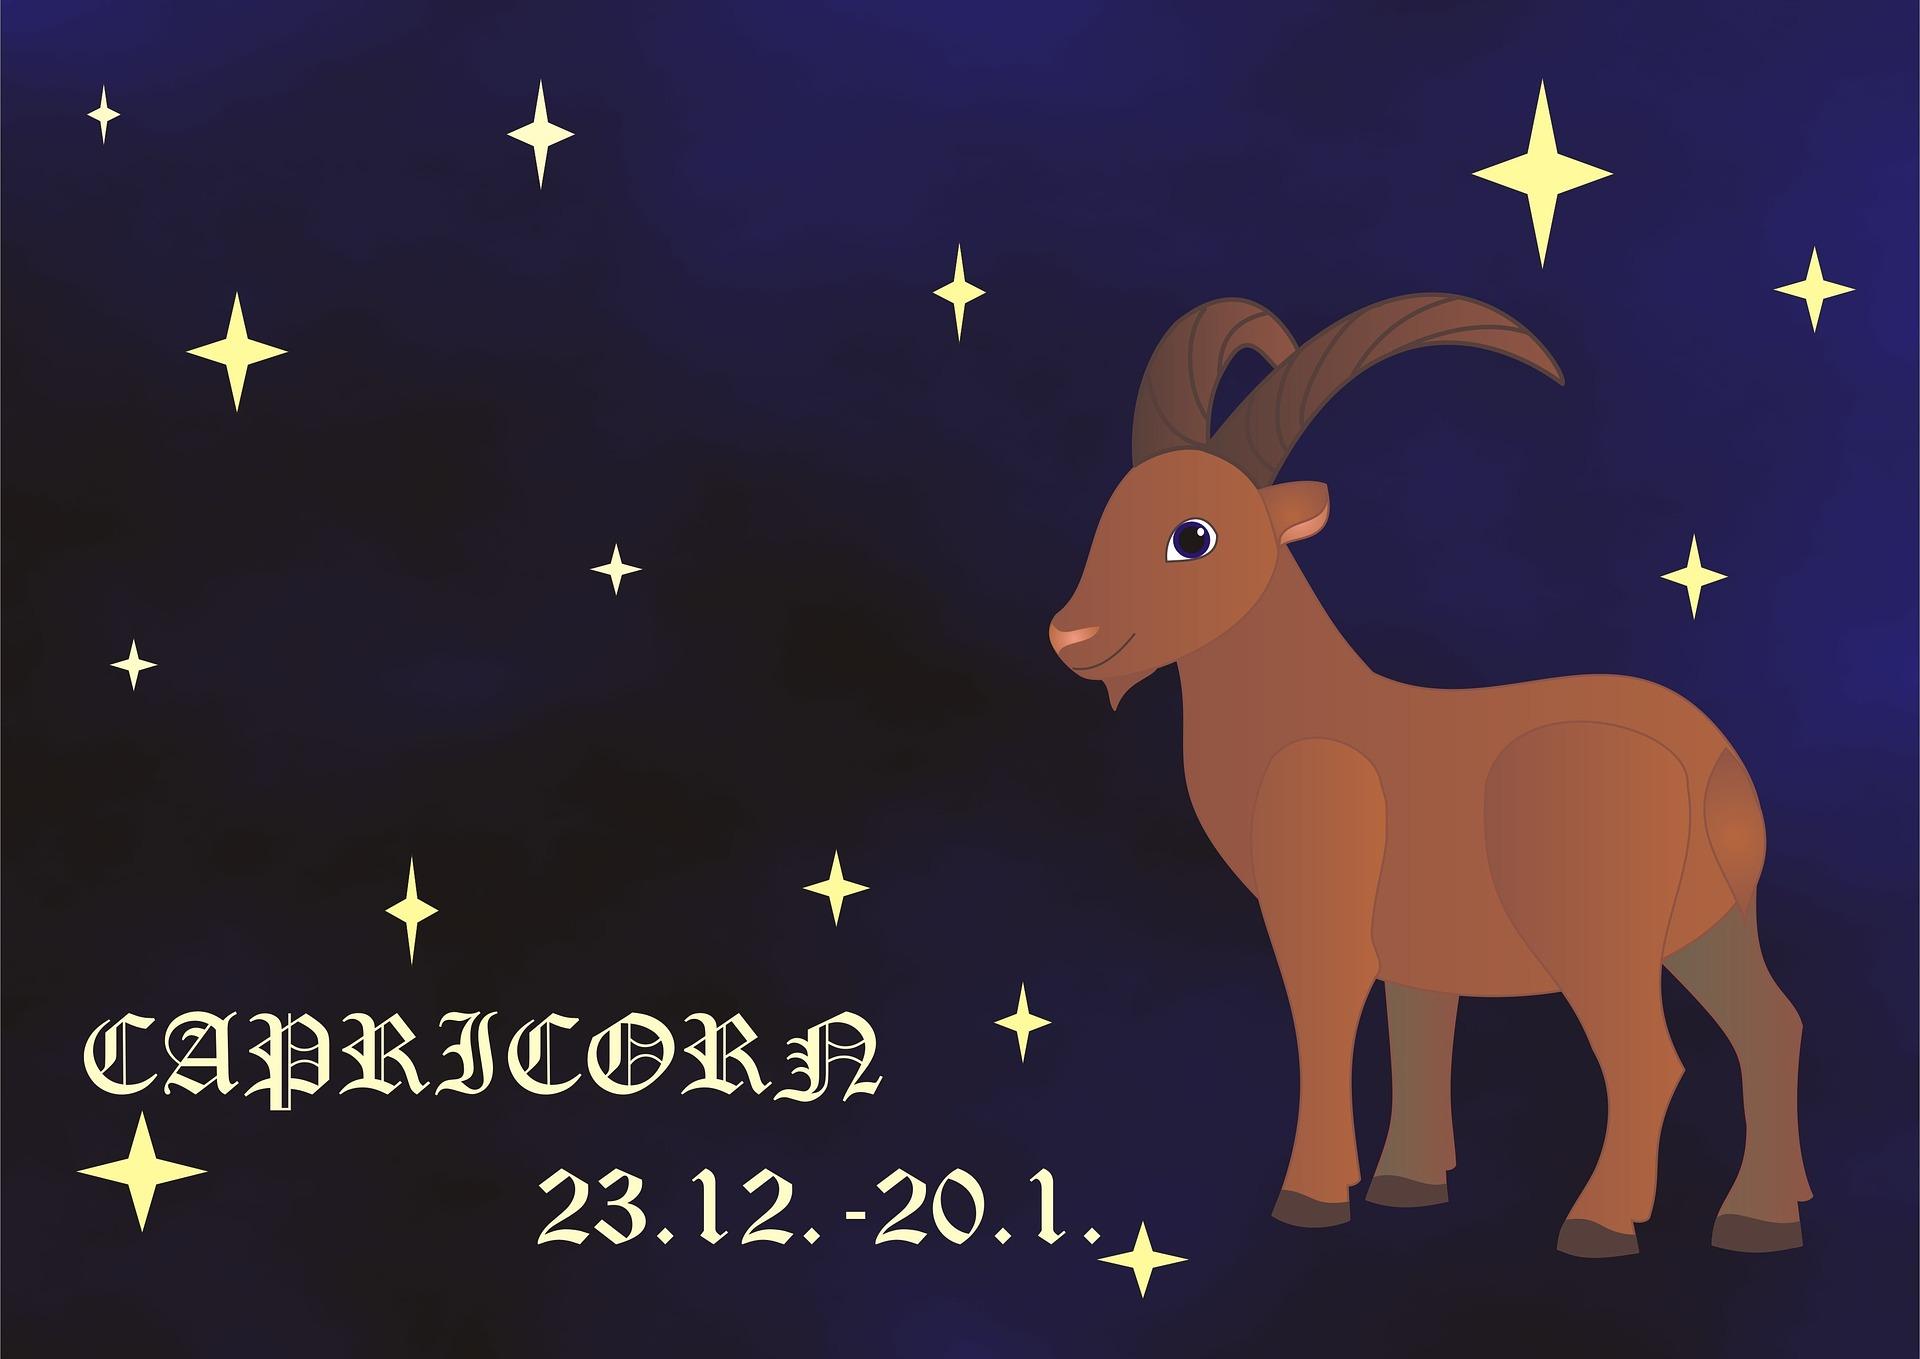 Portretul spiritual al zodiei Capricorn